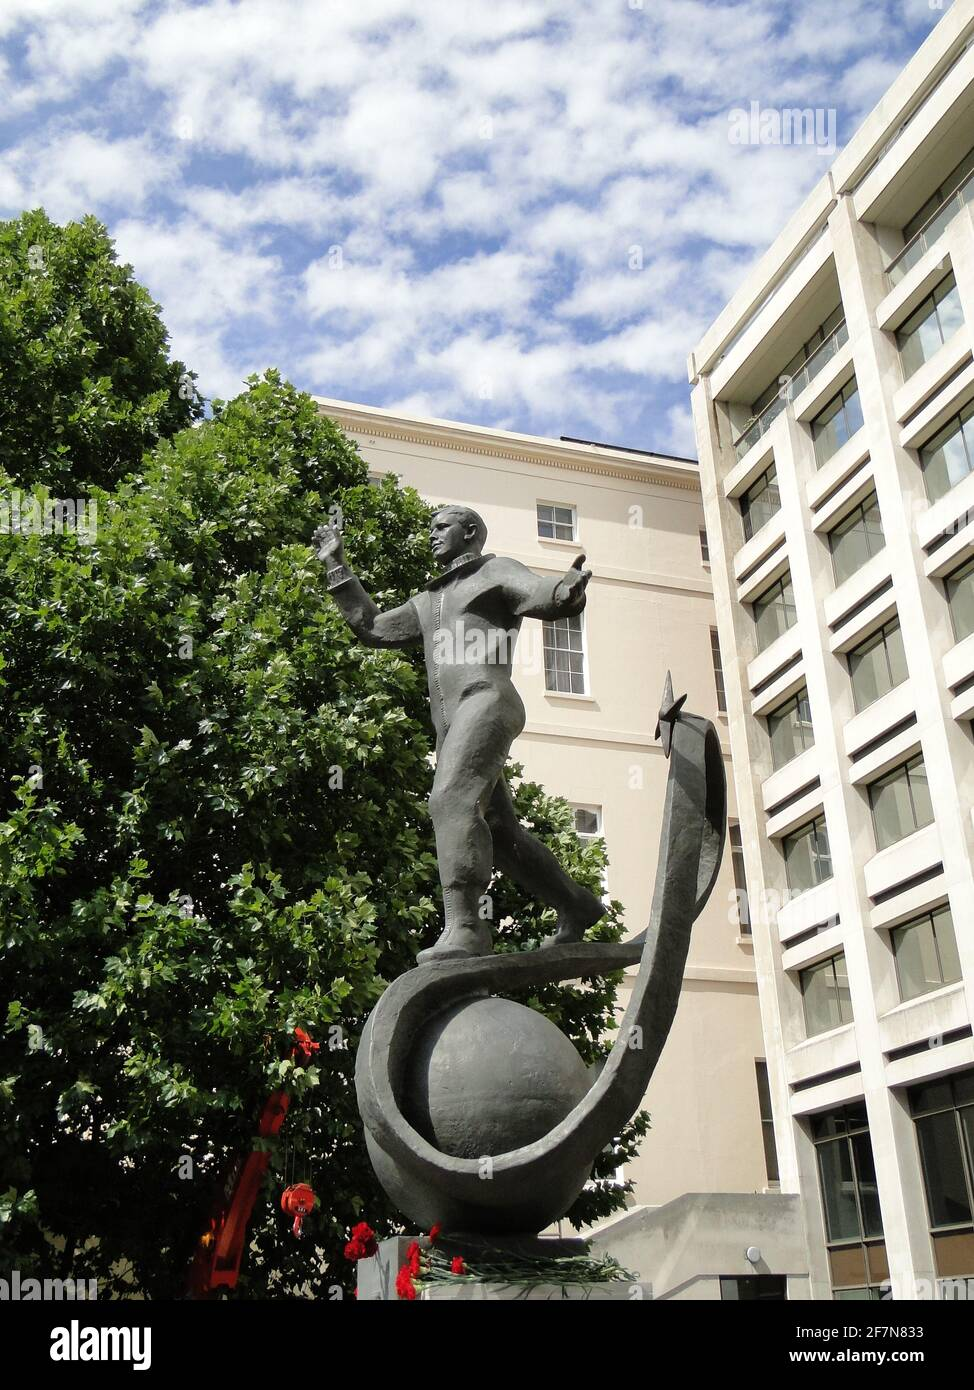 Desvelando la estatua a Yuri Gagarin - el primer hombre en el cosmos en el edificio del British Council en Londres, Reino Unido Foto de stock